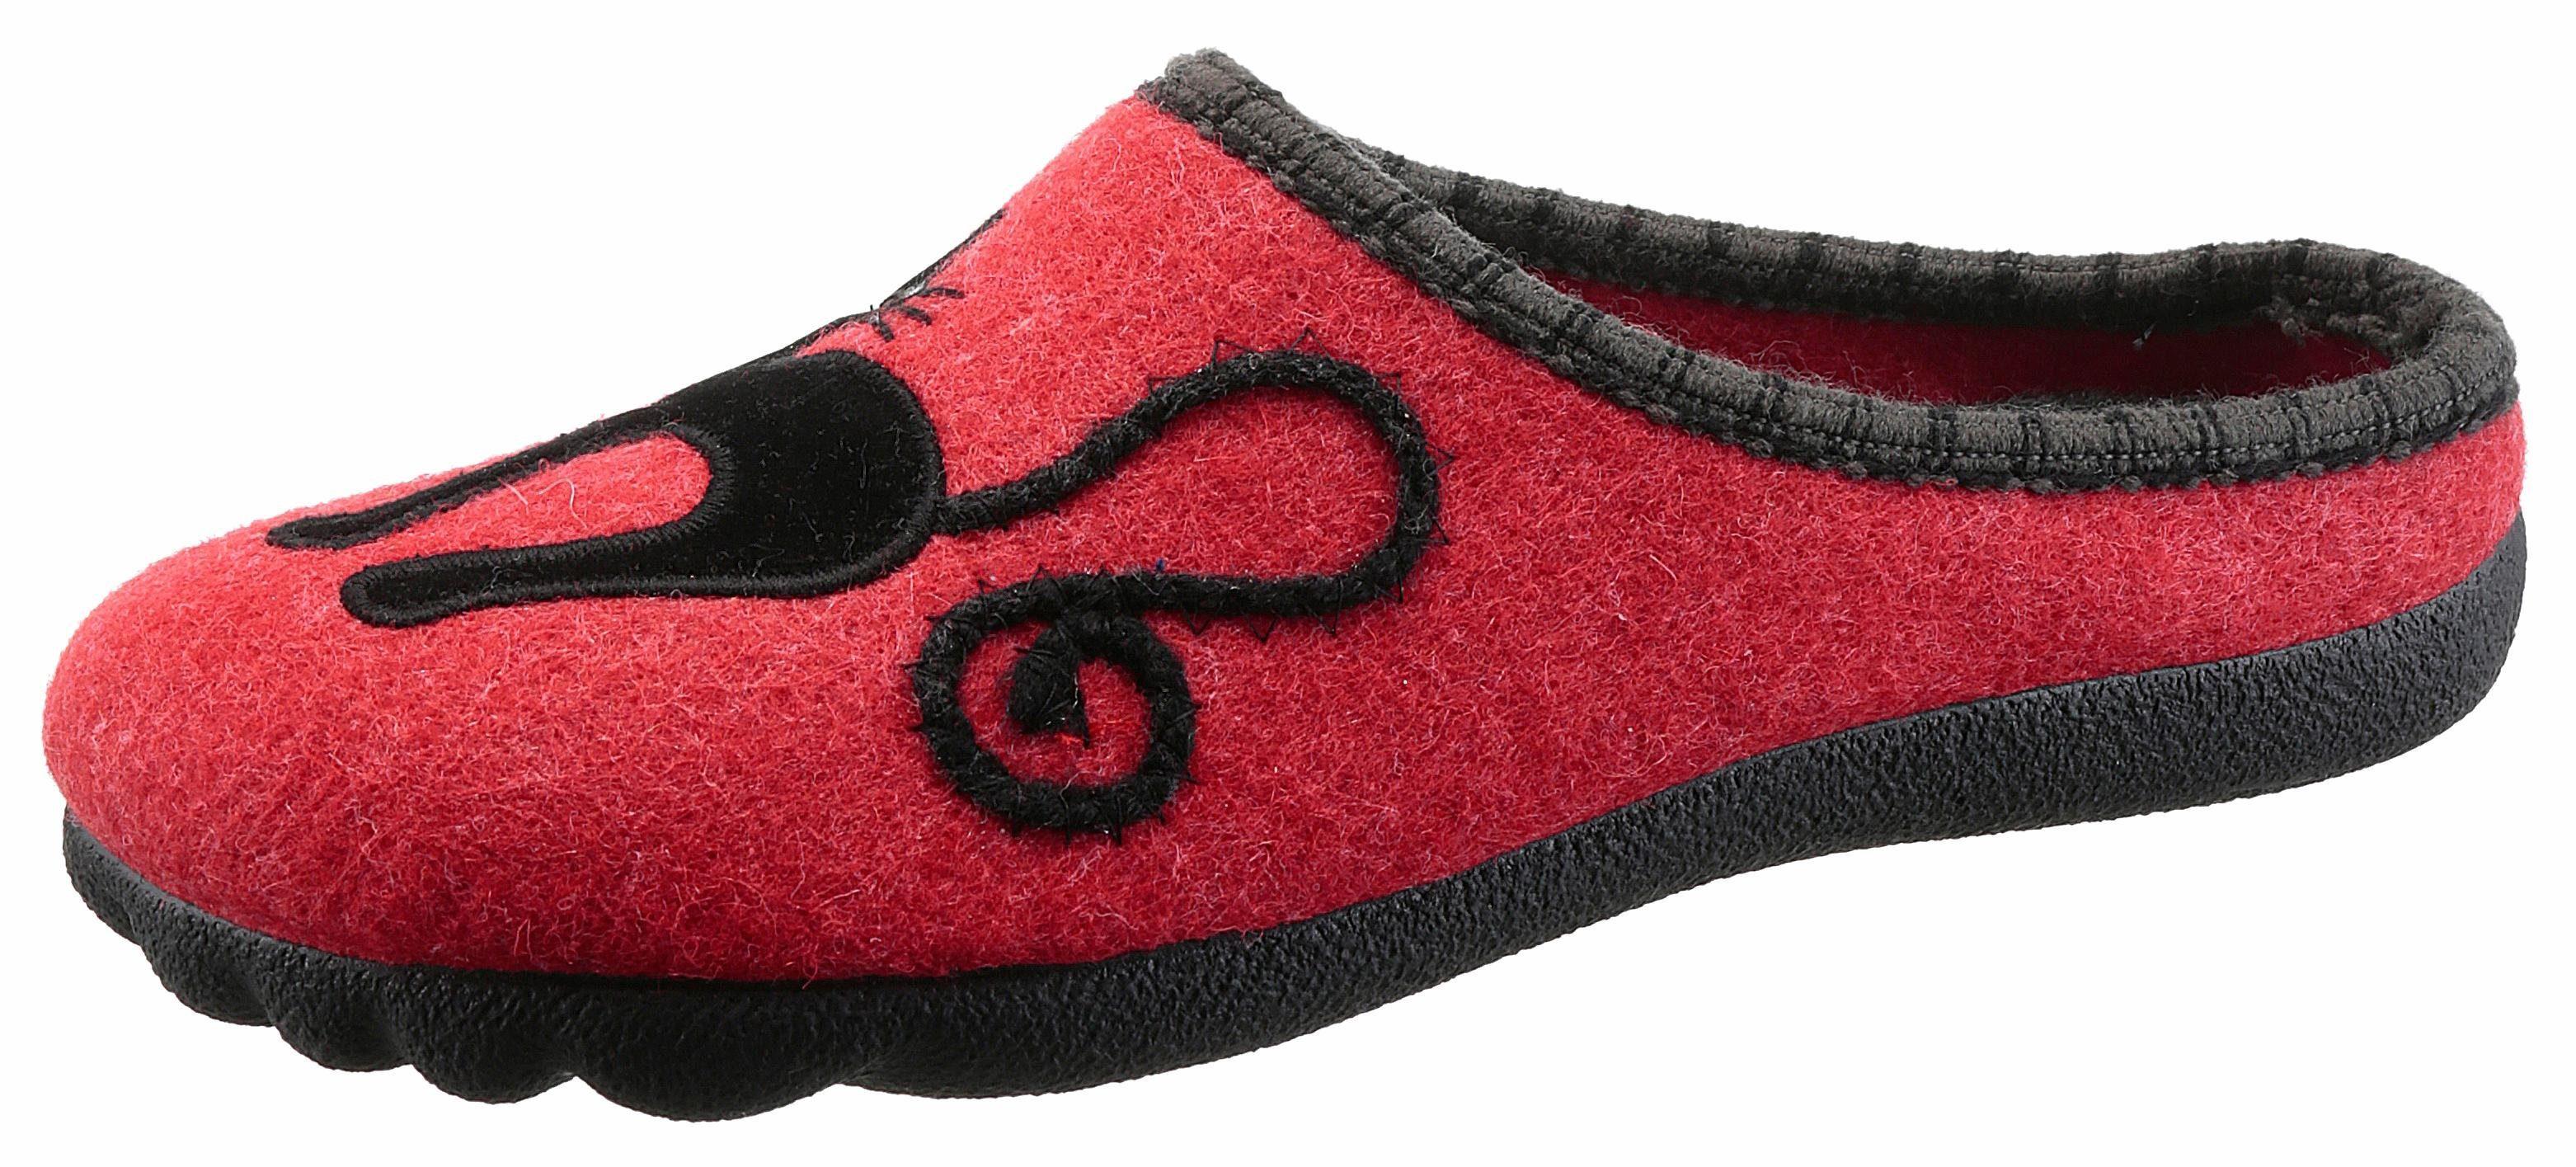 Maybe Pantoffel, mit Katzen-Motiv online kaufen  rot-schwarz